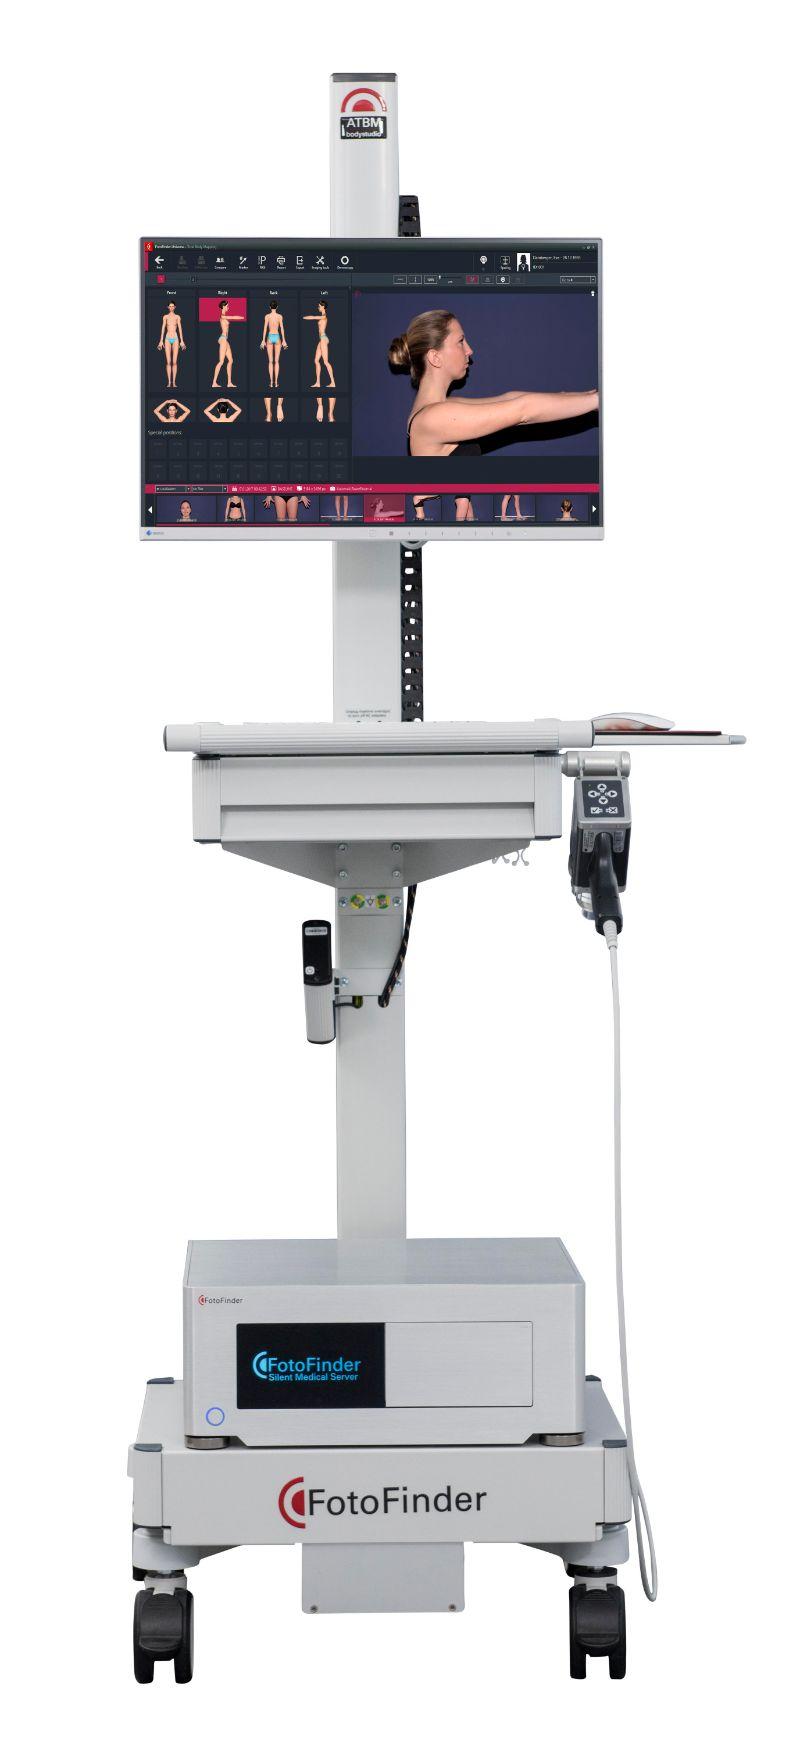 Fotofinder - Assist proactive management of your melanoma risk